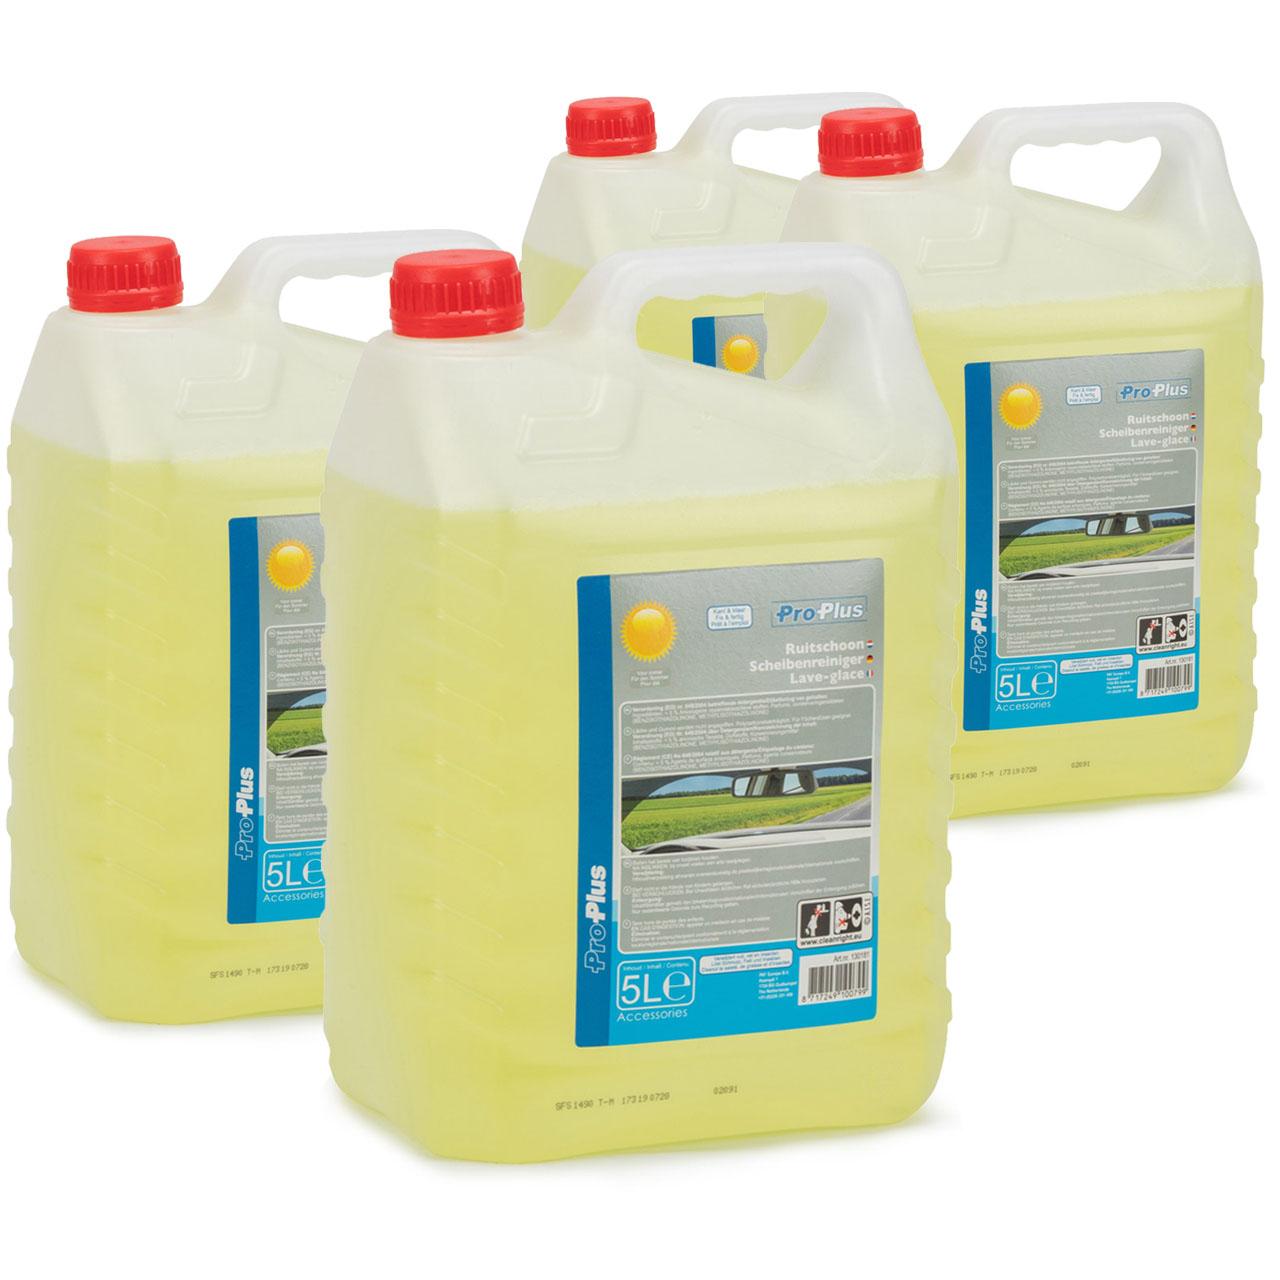 PROPLUS 130181 Scheibenreiniger Scheibenwischwasser Sommer Fertigmix 4x 5 Liter